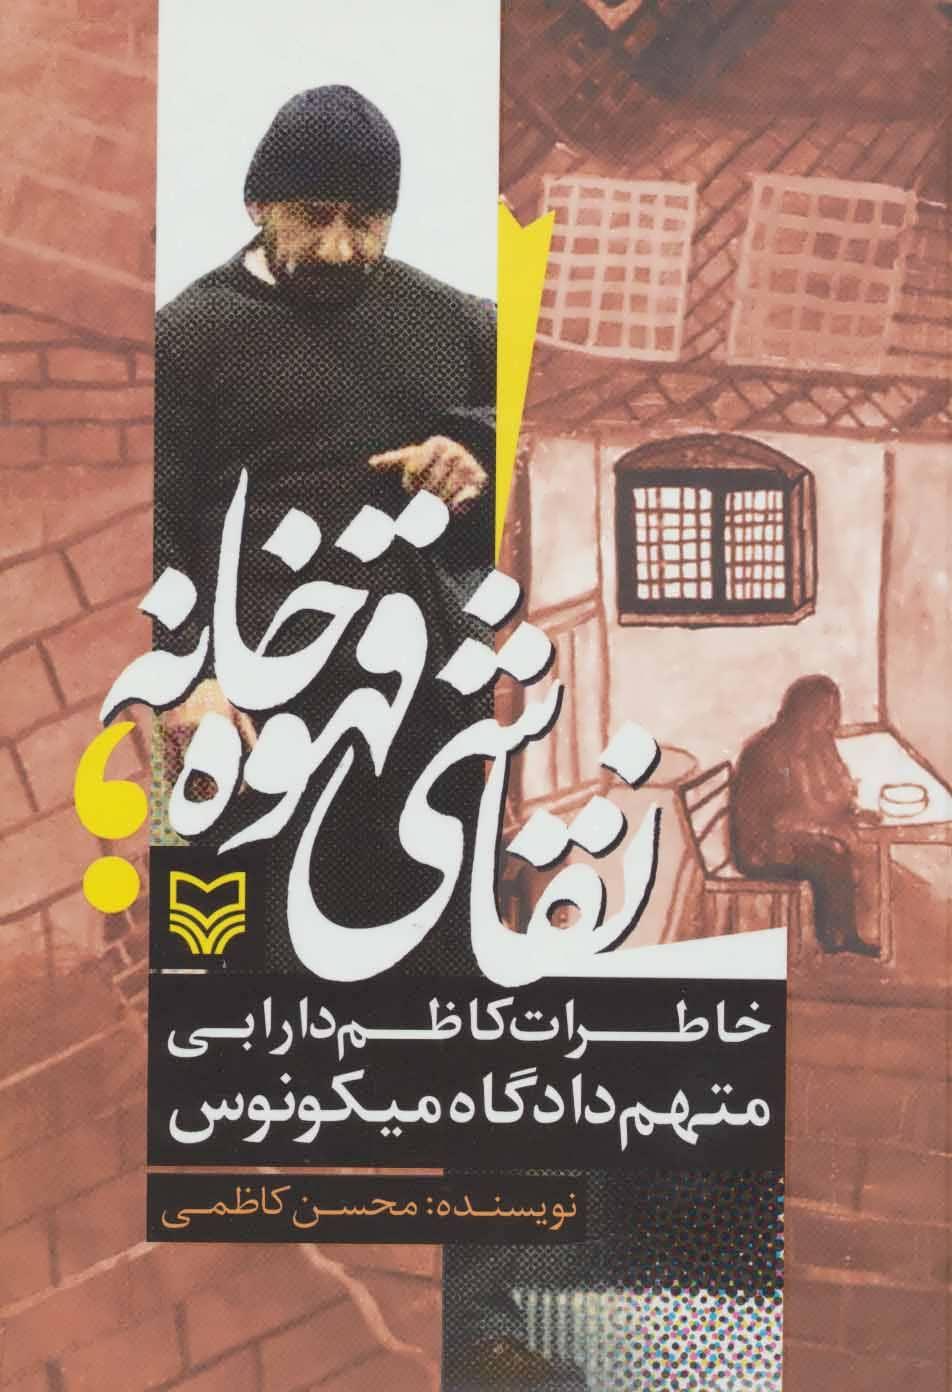 نقاشی قهوه خانه (خاطرات کاظم دارابی متهم دادگاه میکونوس)